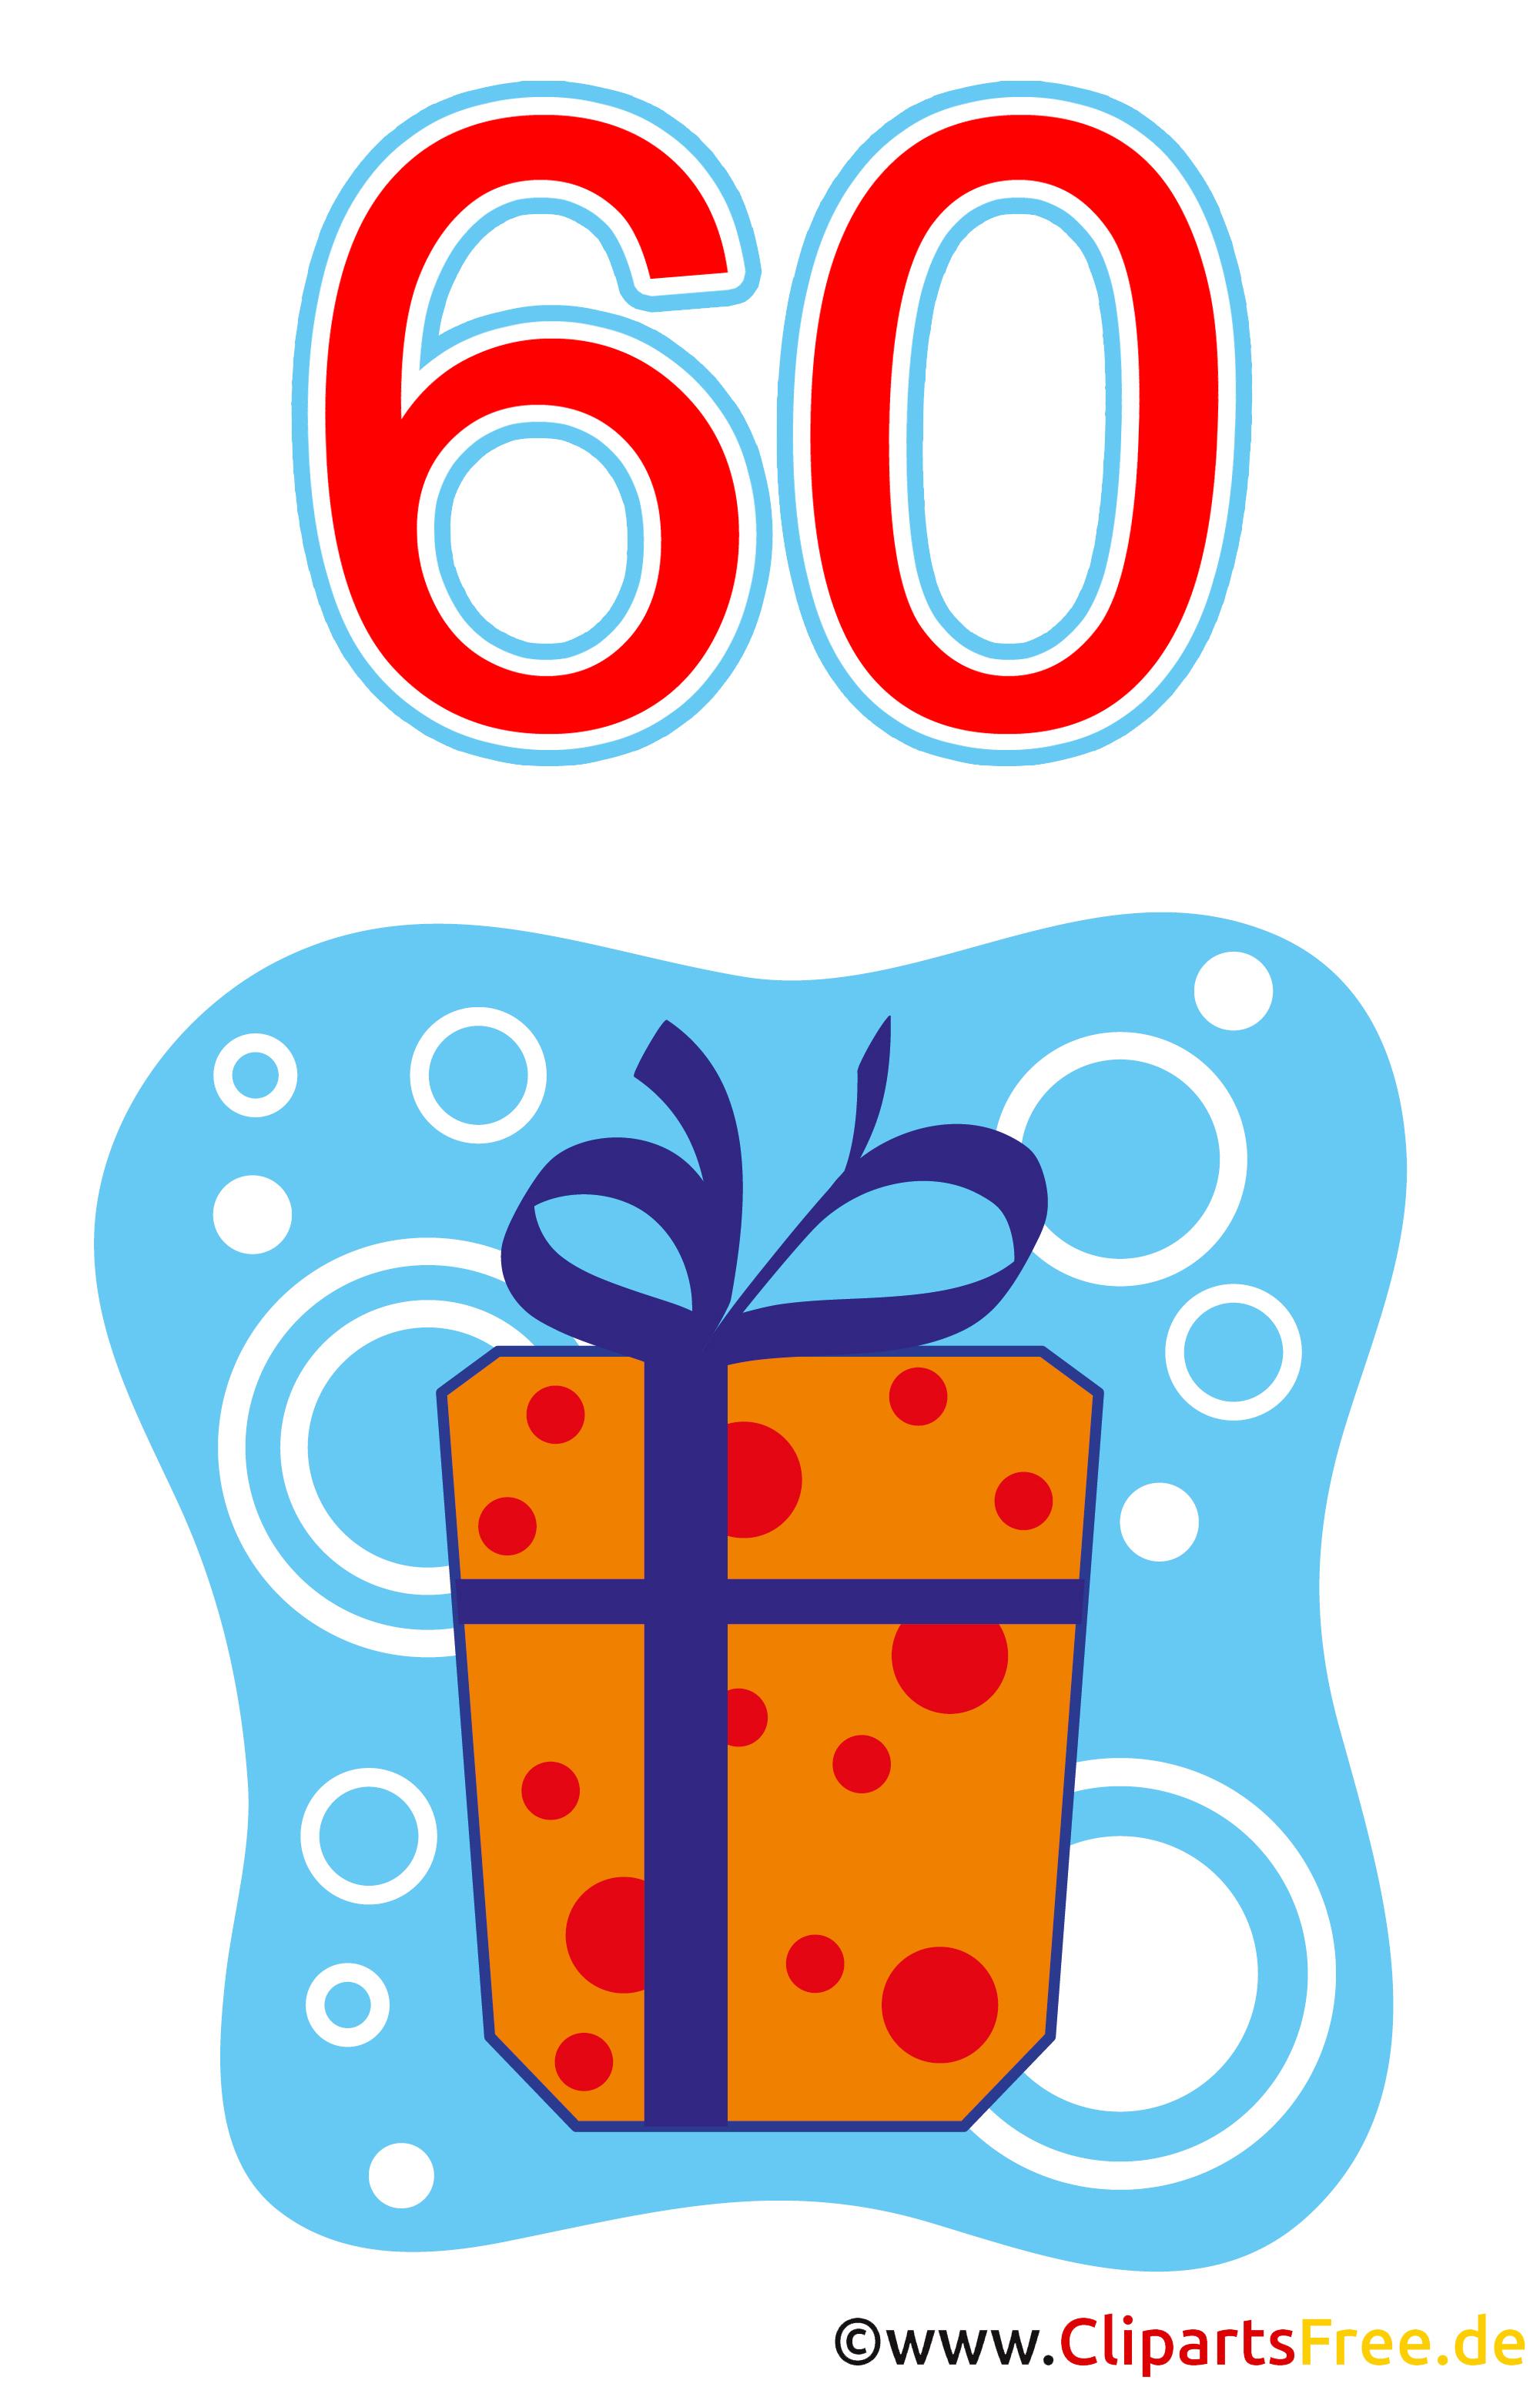 geschenk zum 60 geburtstag clipart gratis happy birthday clip art images women happy birthday clipart images